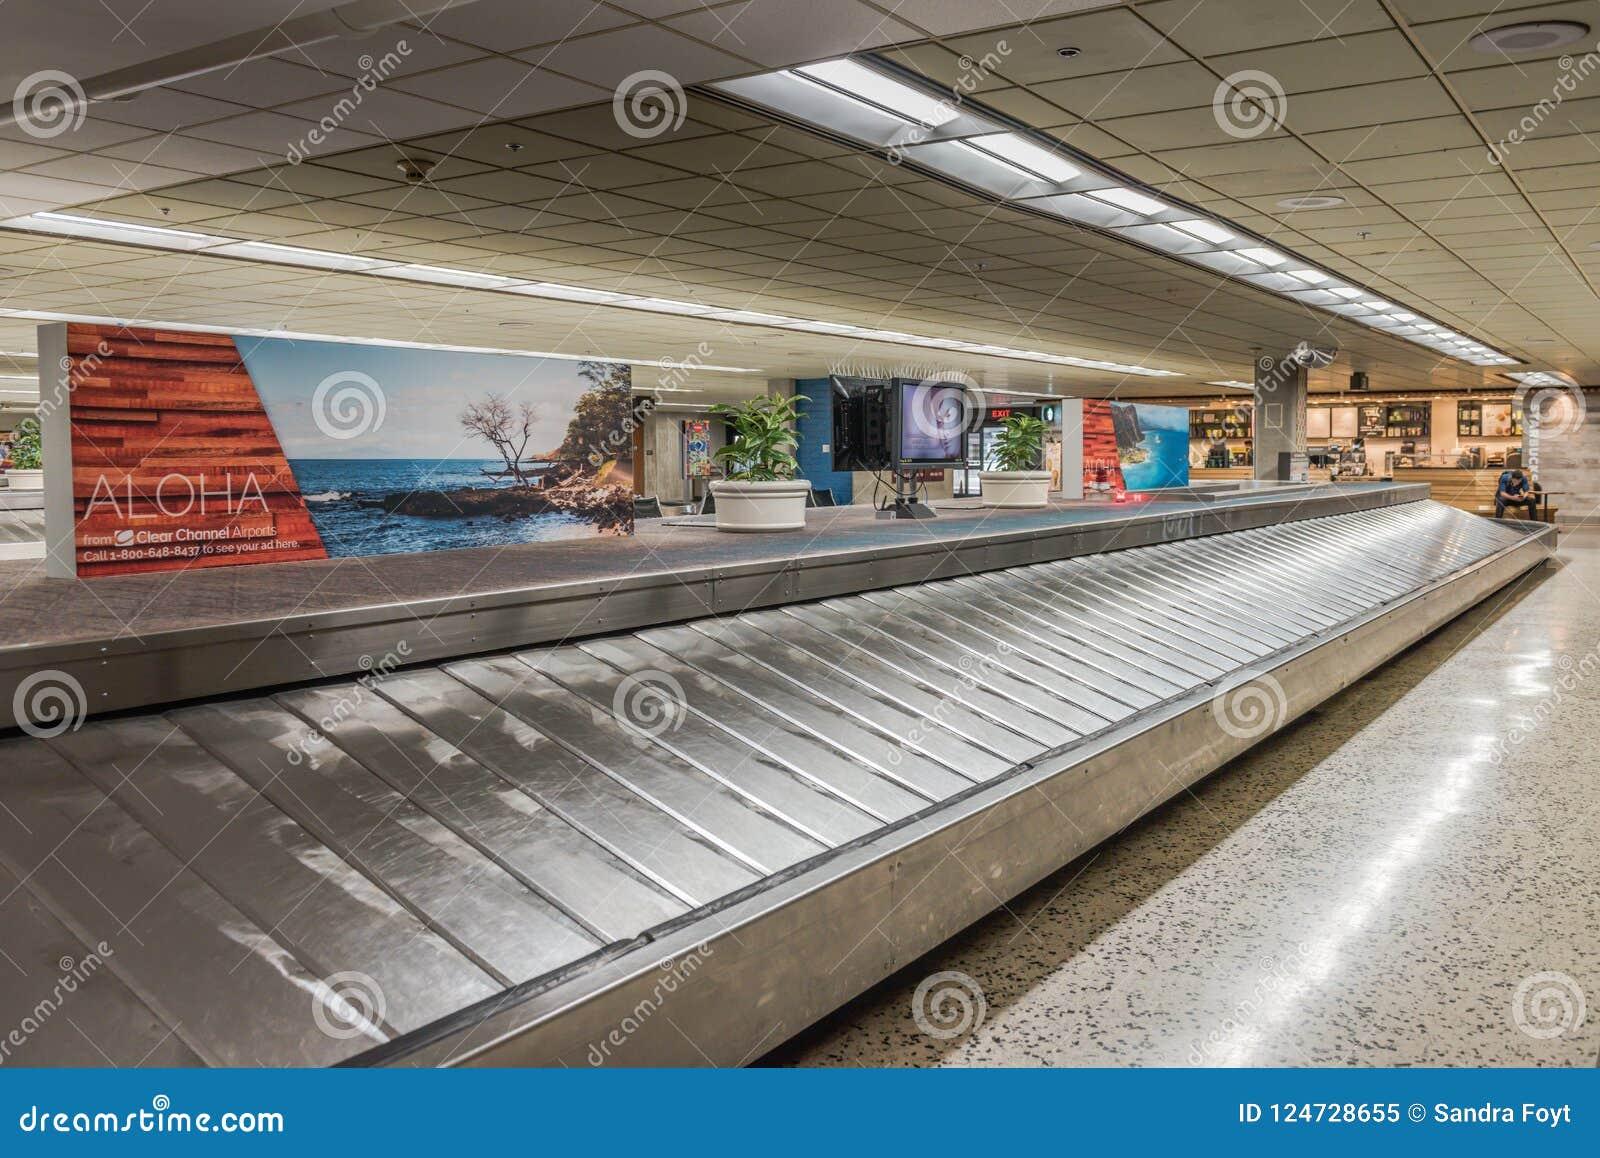 Contea Di Honolulu Hawaii carosello aloha welcome del bagaglio dell'aeroporto di